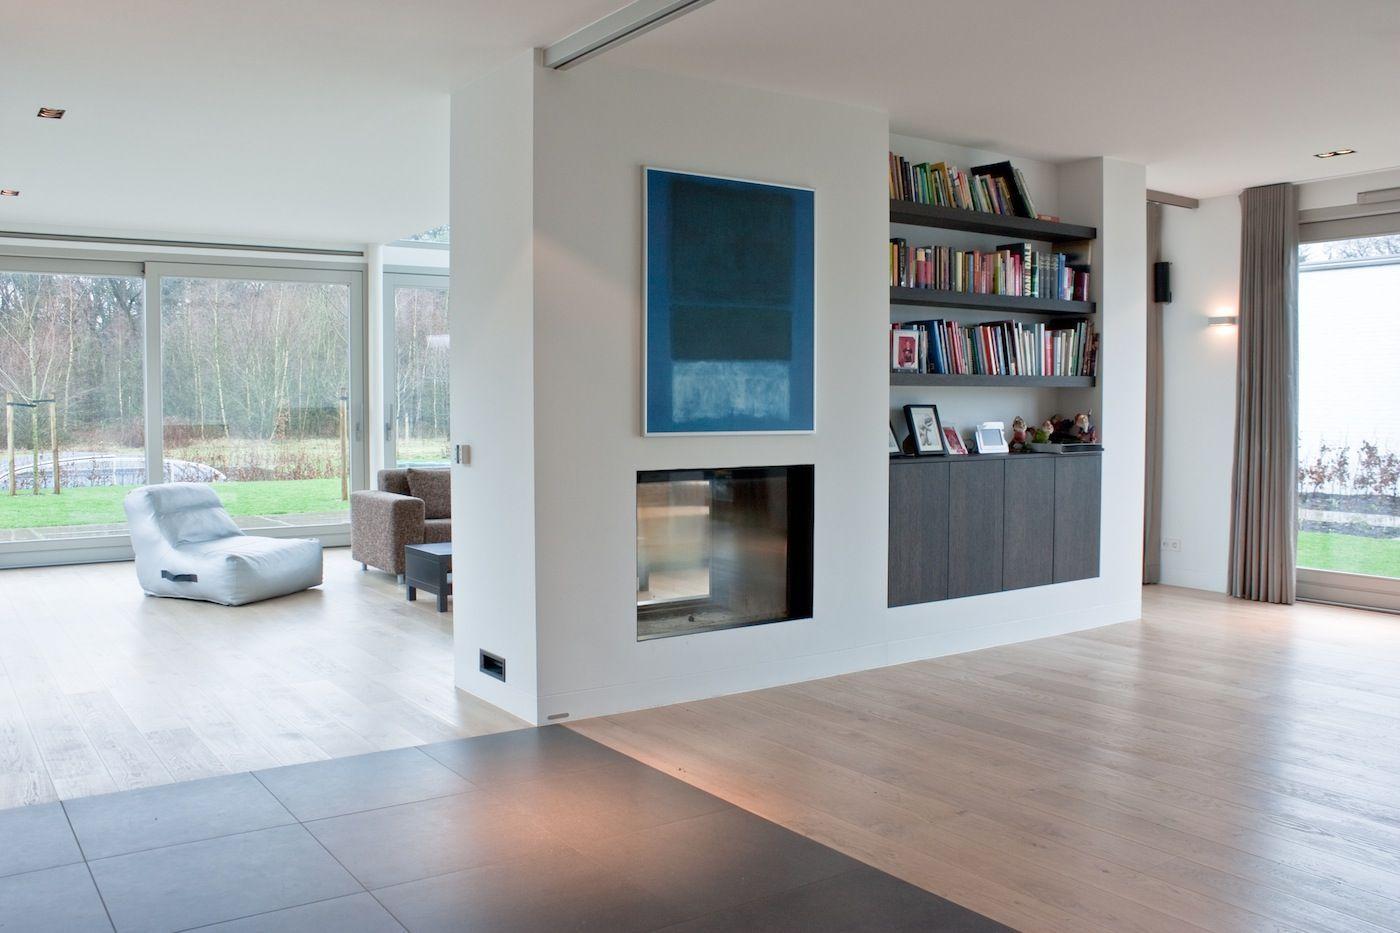 Mekkes Houten vloeren Specialist in alle vloeren Solid Floor Khars Tarkett DuoPlank Duo Plank Planken Vloer Lammelvloer Lammel Vloer Grijs Eiken White Wash